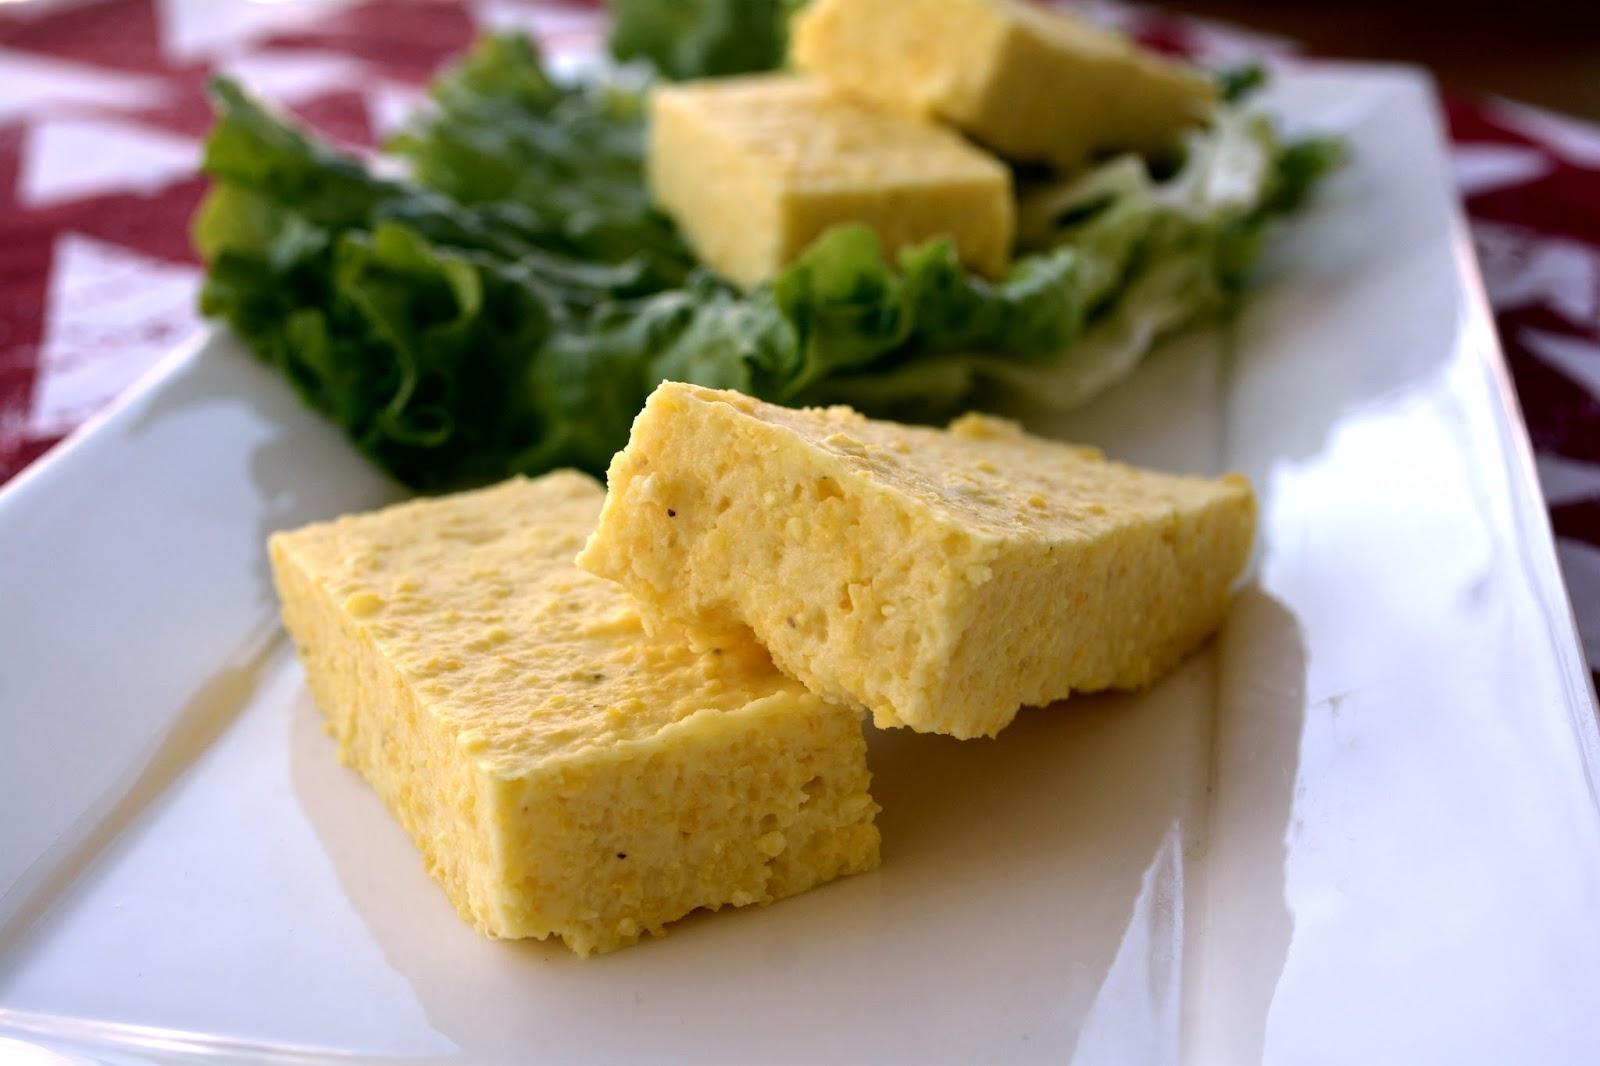 Polenta mısır unu veya undan yapılmış bir yemektir